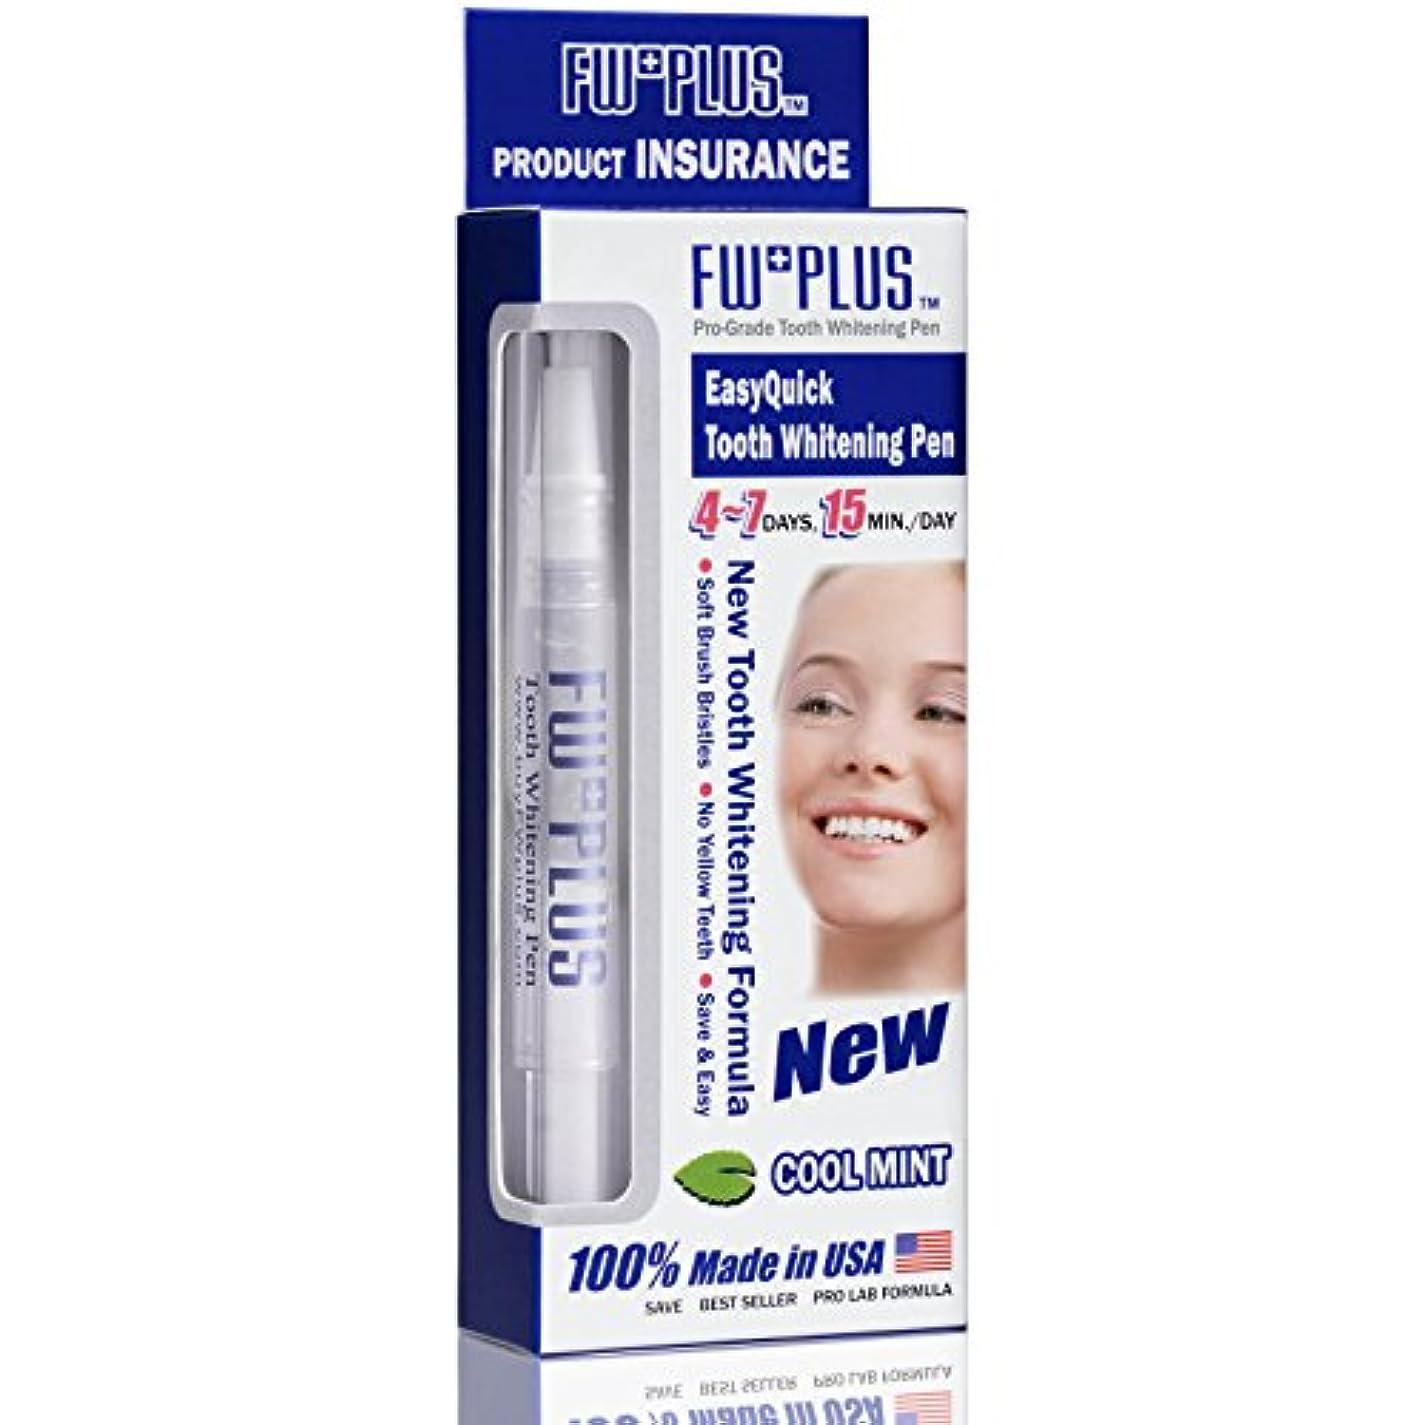 青写真軽食日FW+PLUS菲斯華 歯を白くする 簡単即効ホーム歯ホワイトニングペン 歯ホワイトニング 人気 歯ホワイトニング ジェル